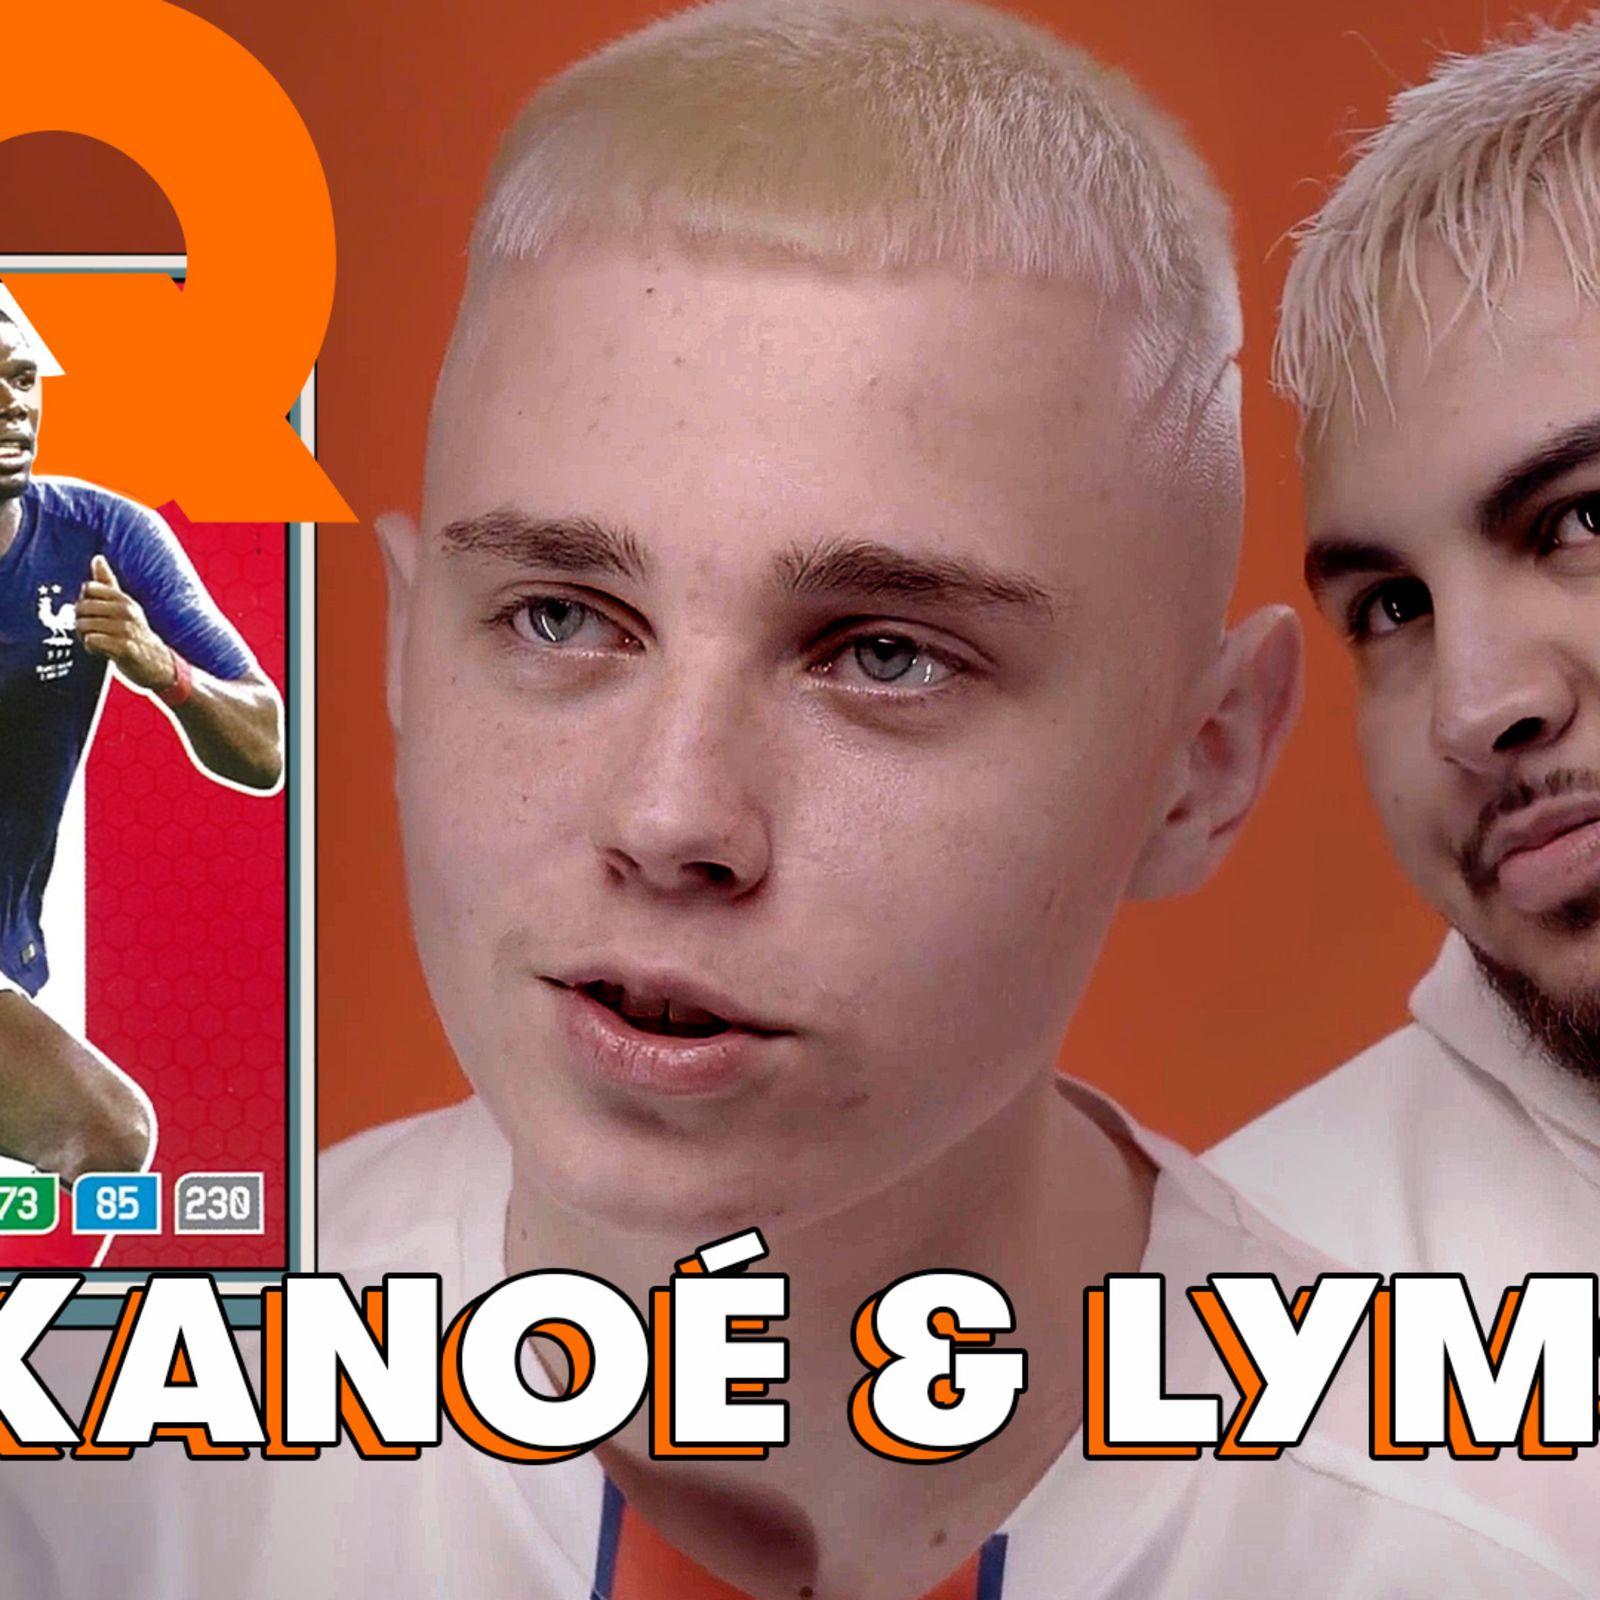 La Tier List football de Kanoé & Lyms : Giroud, Rooney, Adriano